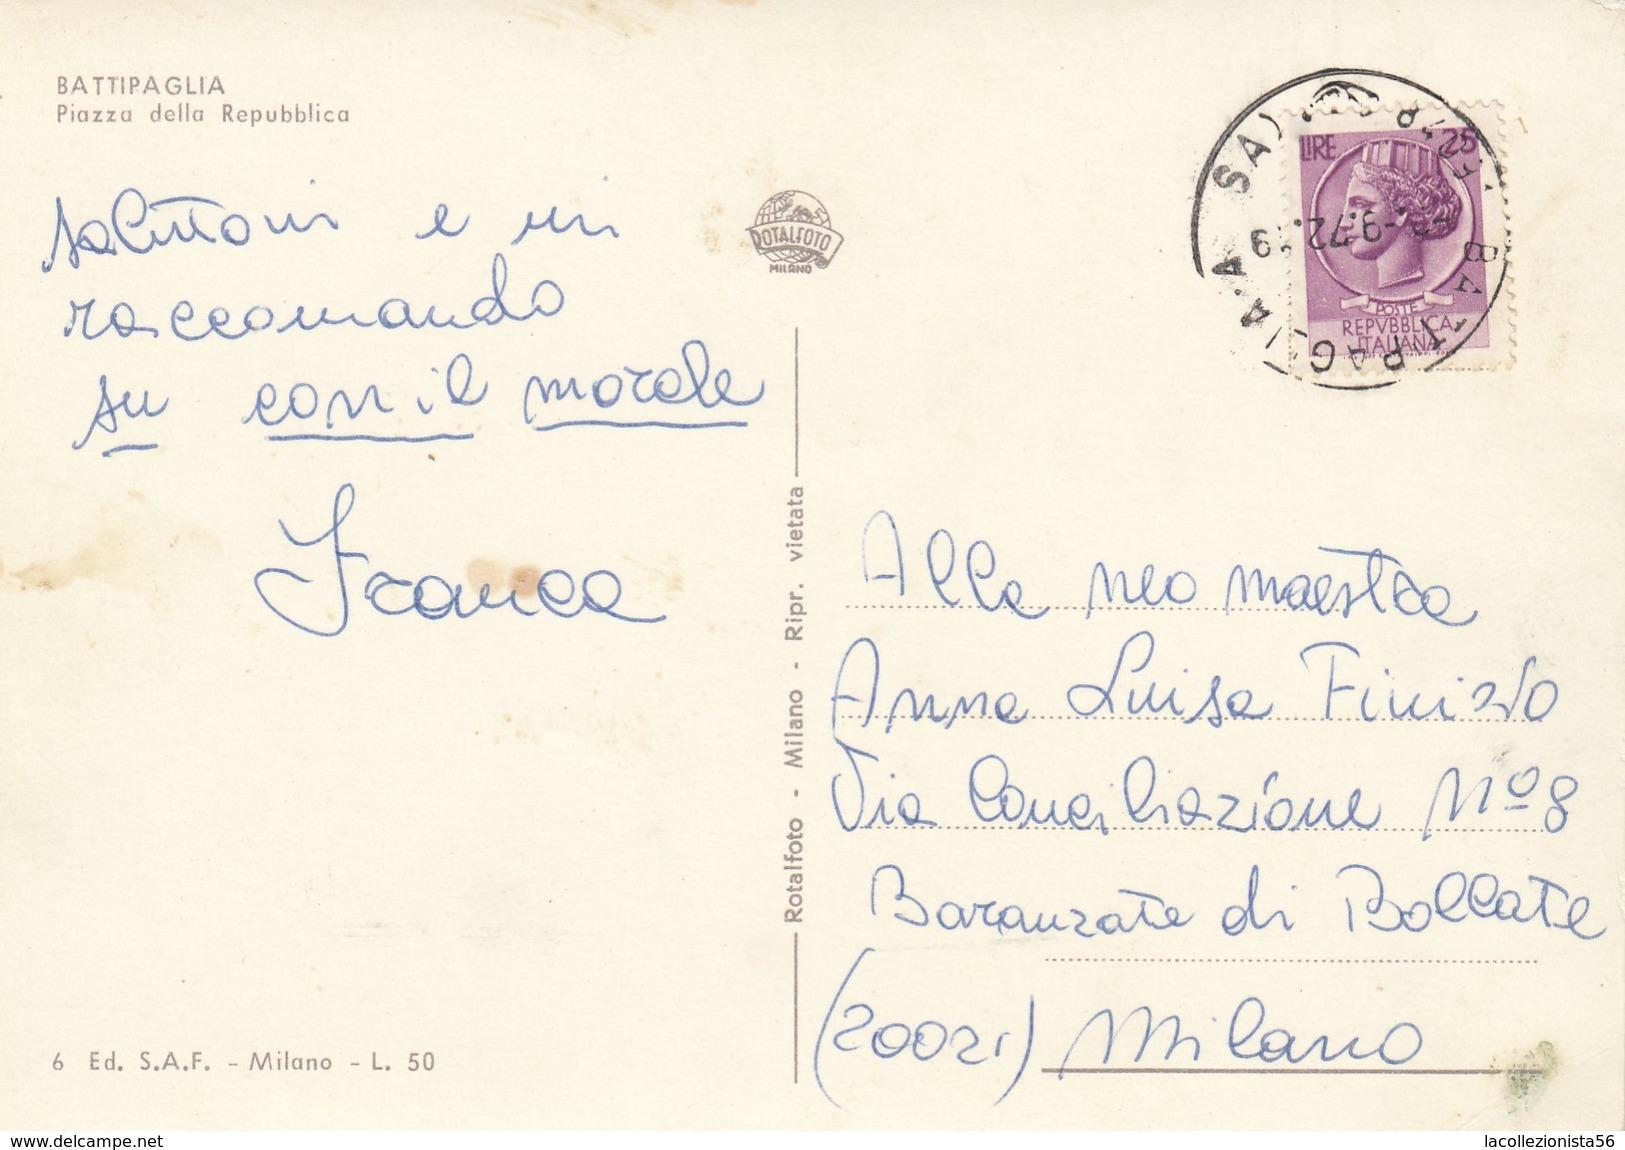 4640-BATTIPAGLIA(SALERNO)-PIAZZA DELLA REPUBBLICA-ANIMATA-FG - Battipaglia